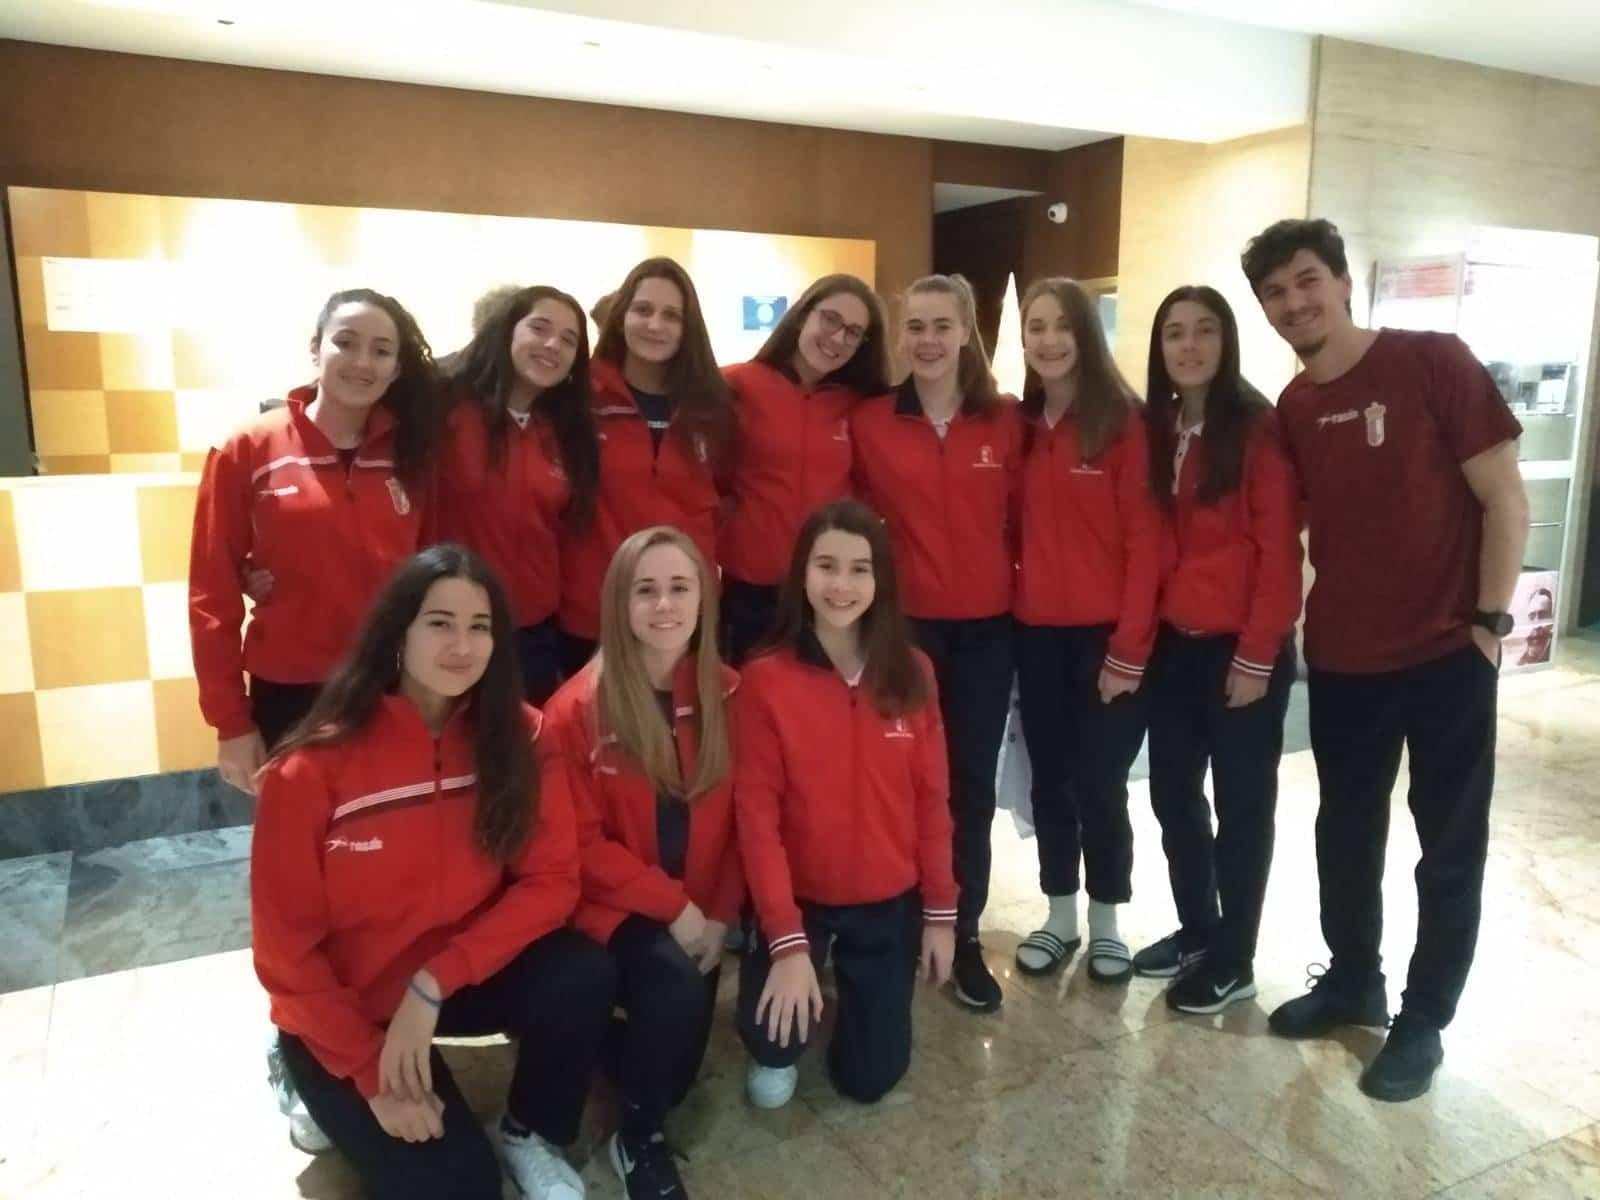 balonmano herencia en campeonato espana - El balonmano de Herencia presente en el Campeonato de España